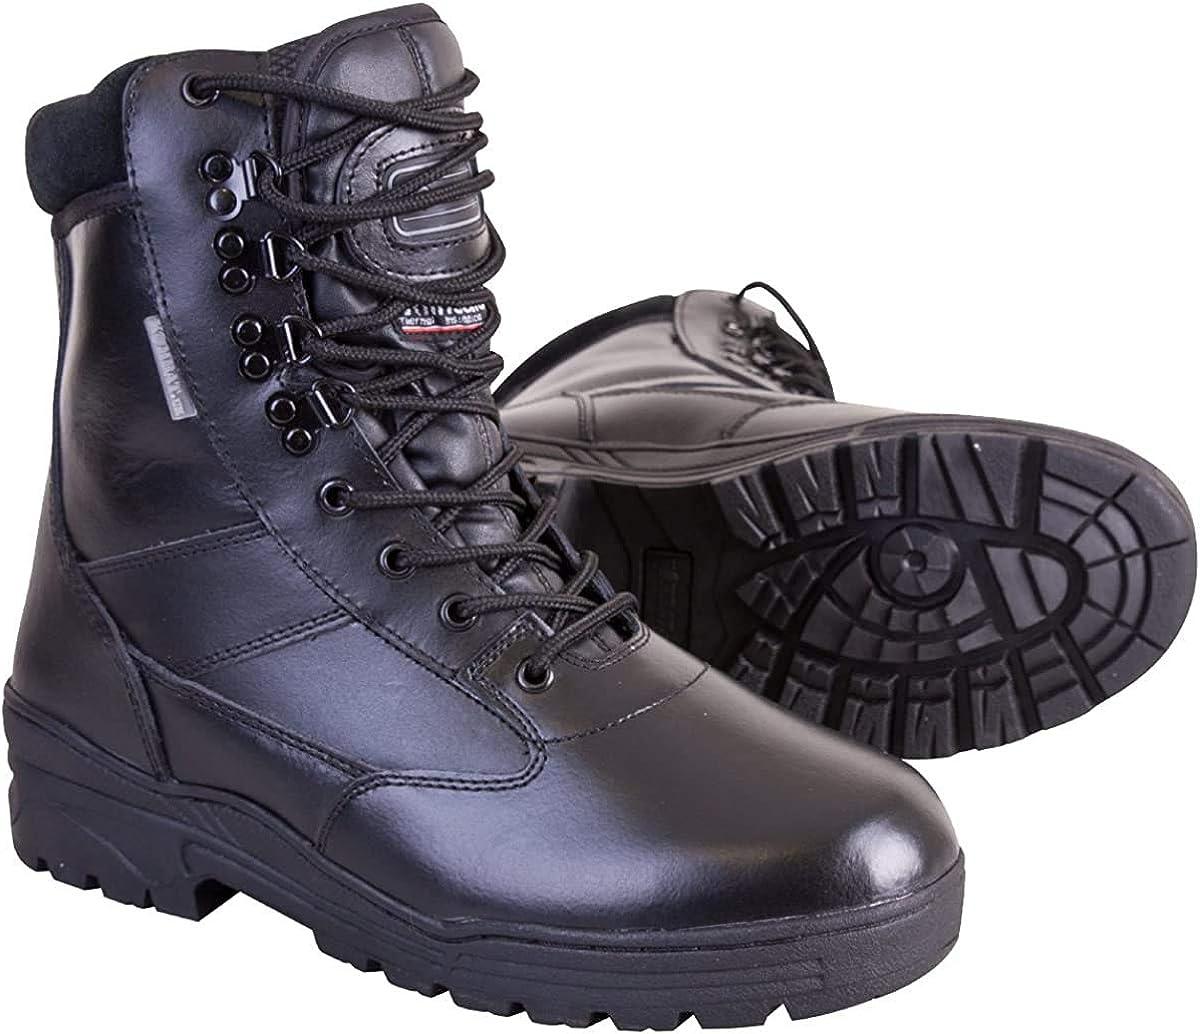 Kombat UK Bottes en cuir pour homme Noir Taille 40 Homme Kombat All Leather